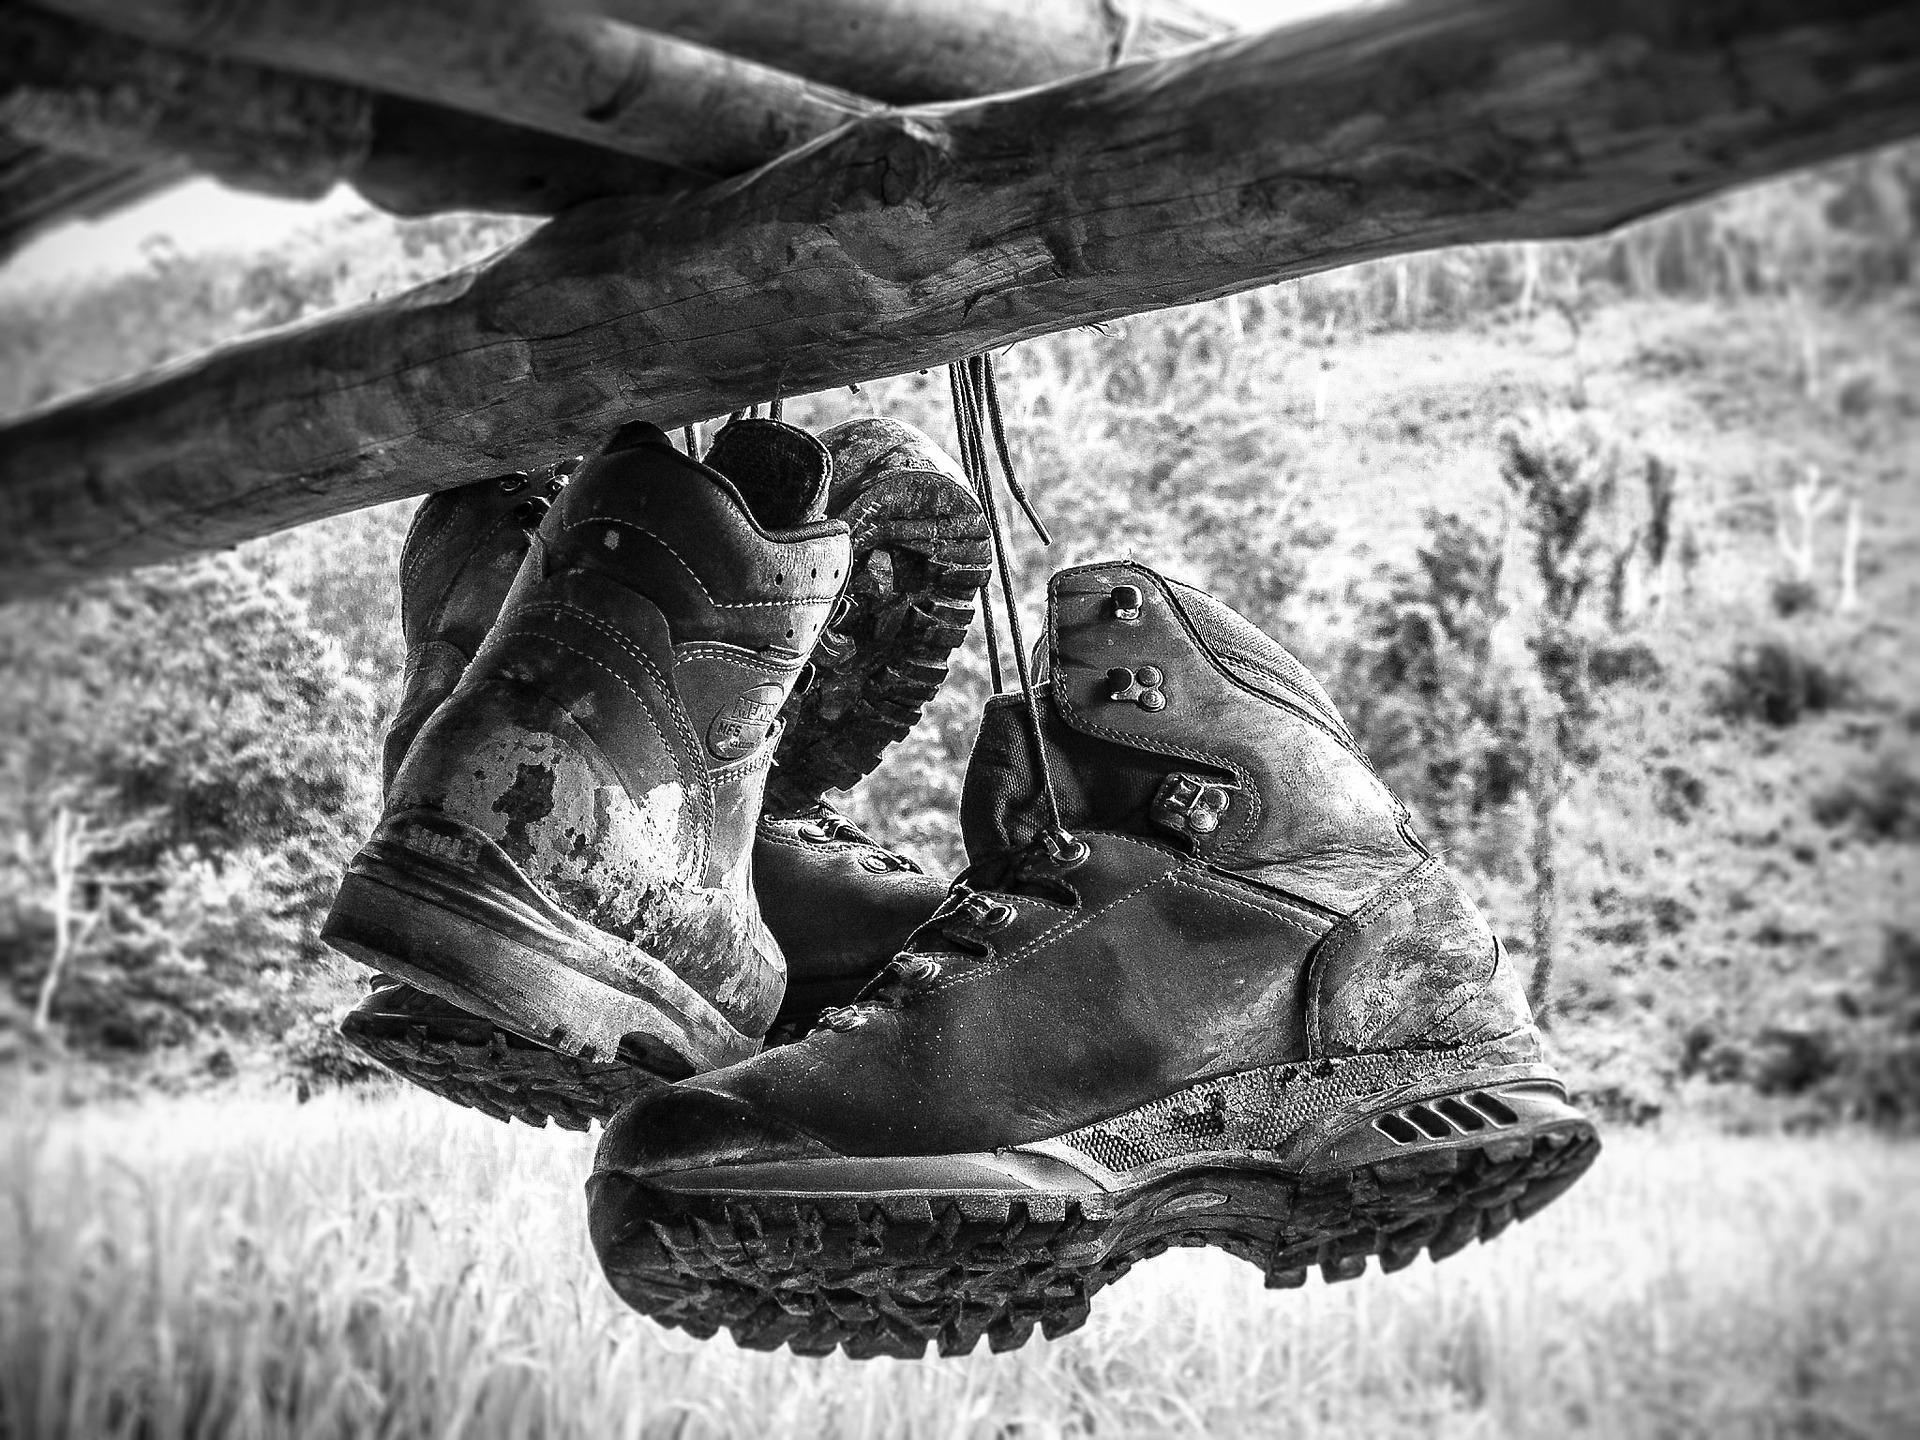 ドイツ生まれの登山靴ブランドのローバーは高品質で履き心地抜群